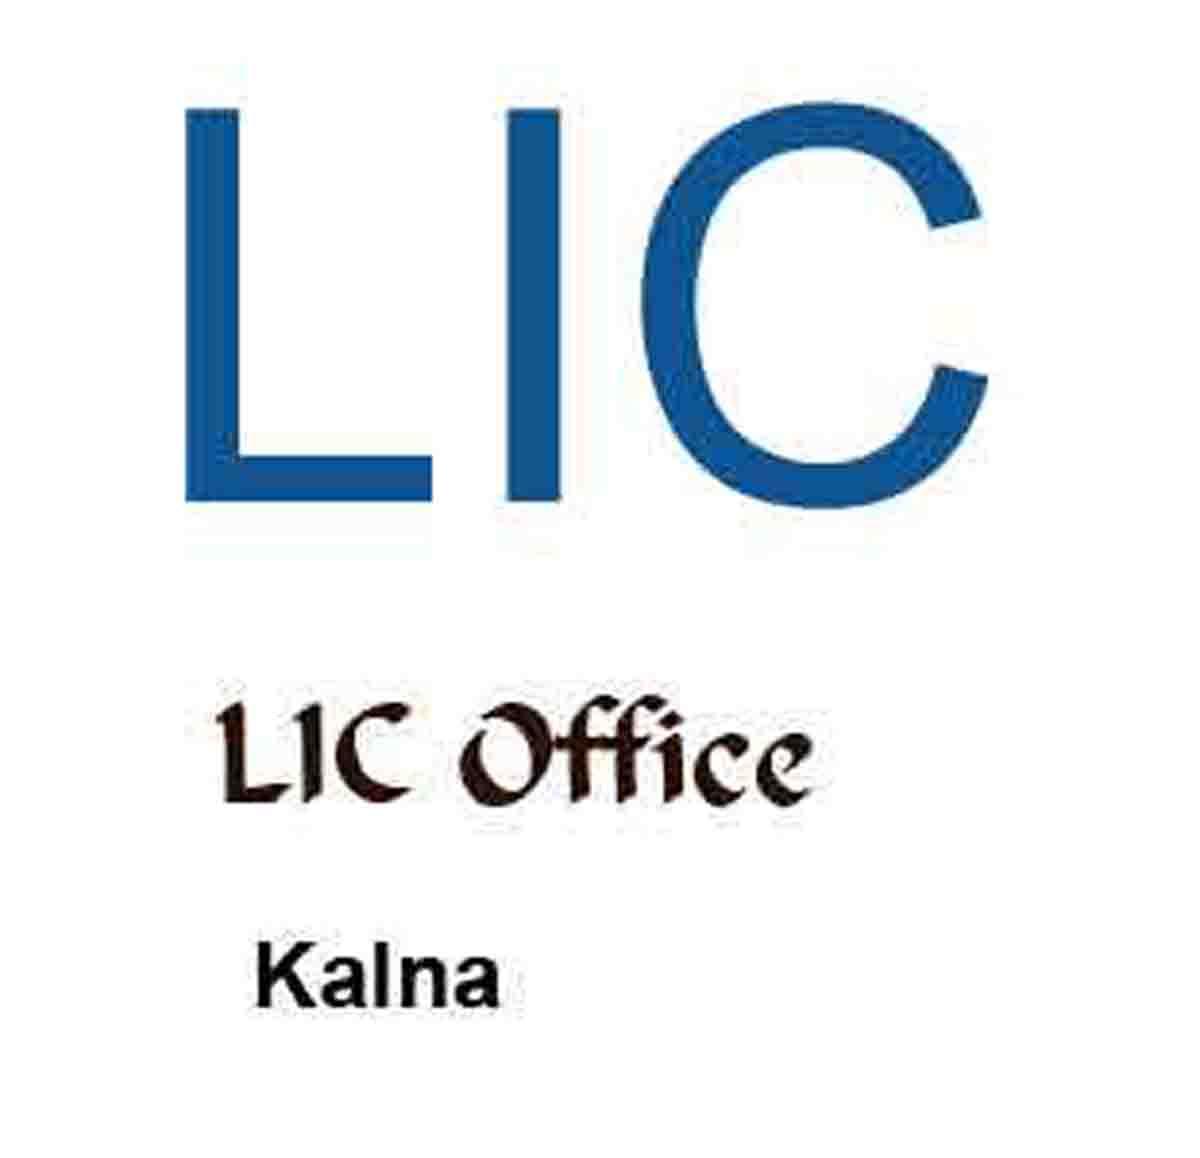 lic office kalna